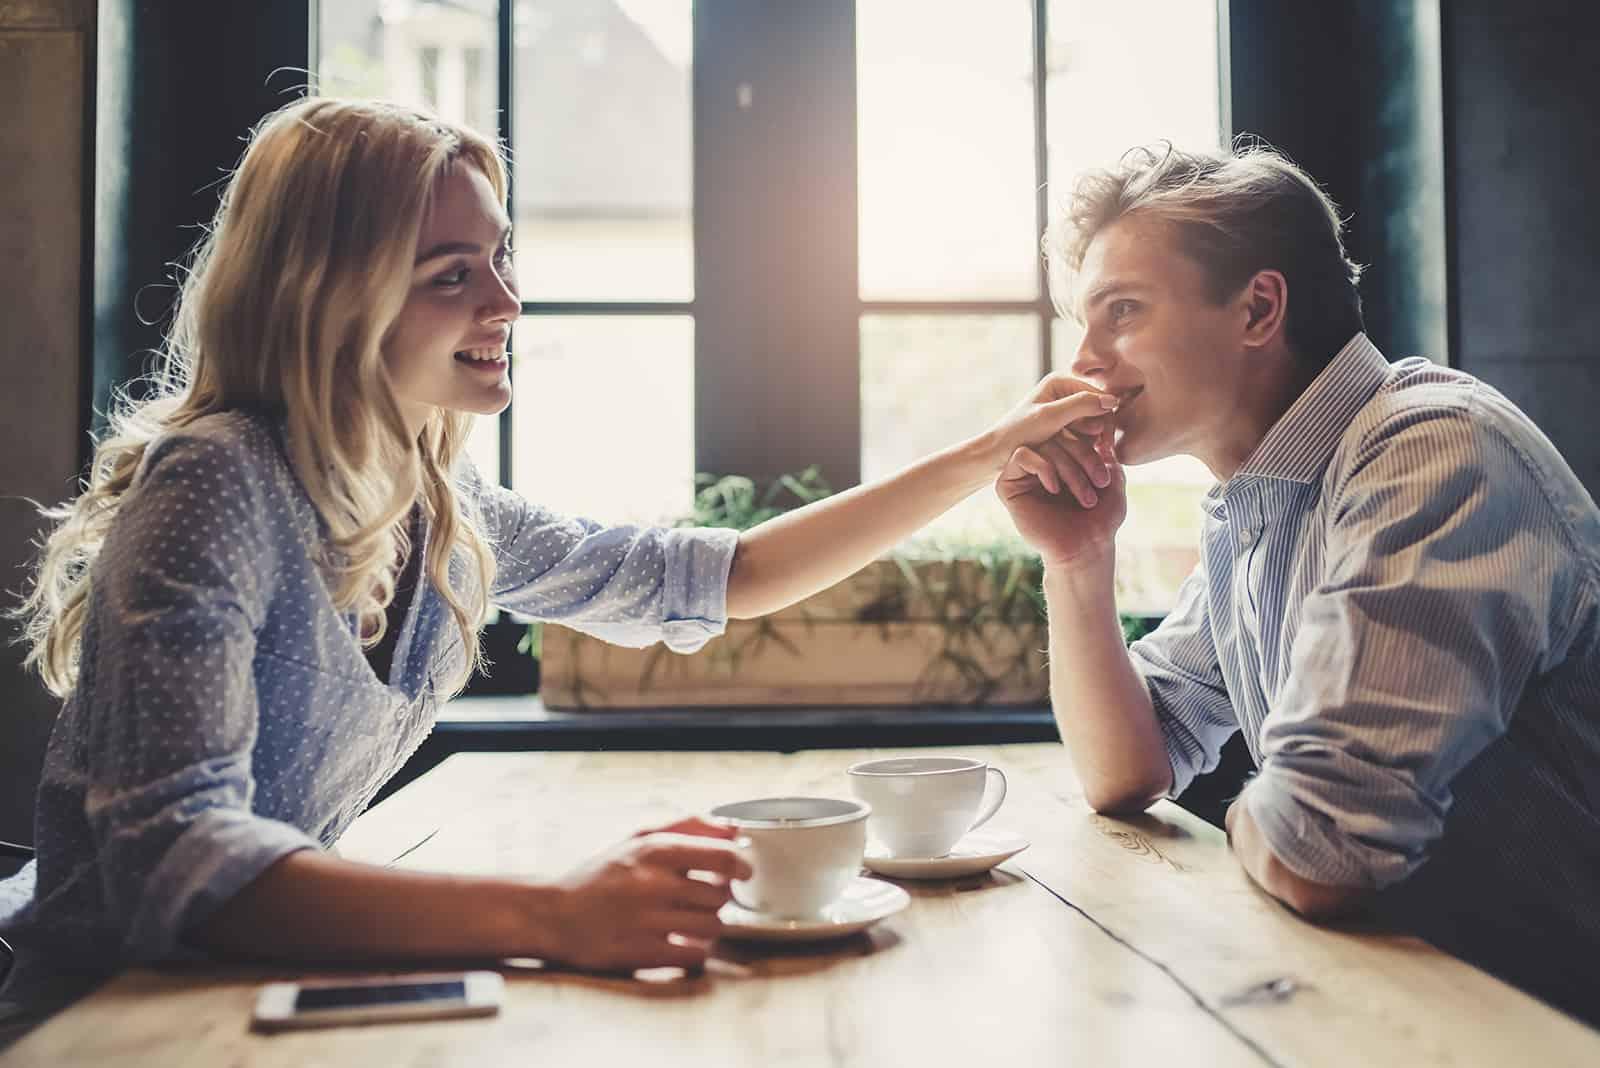 Ein Mann küsst eine Frau in einer Hand, während er im Café sitzt